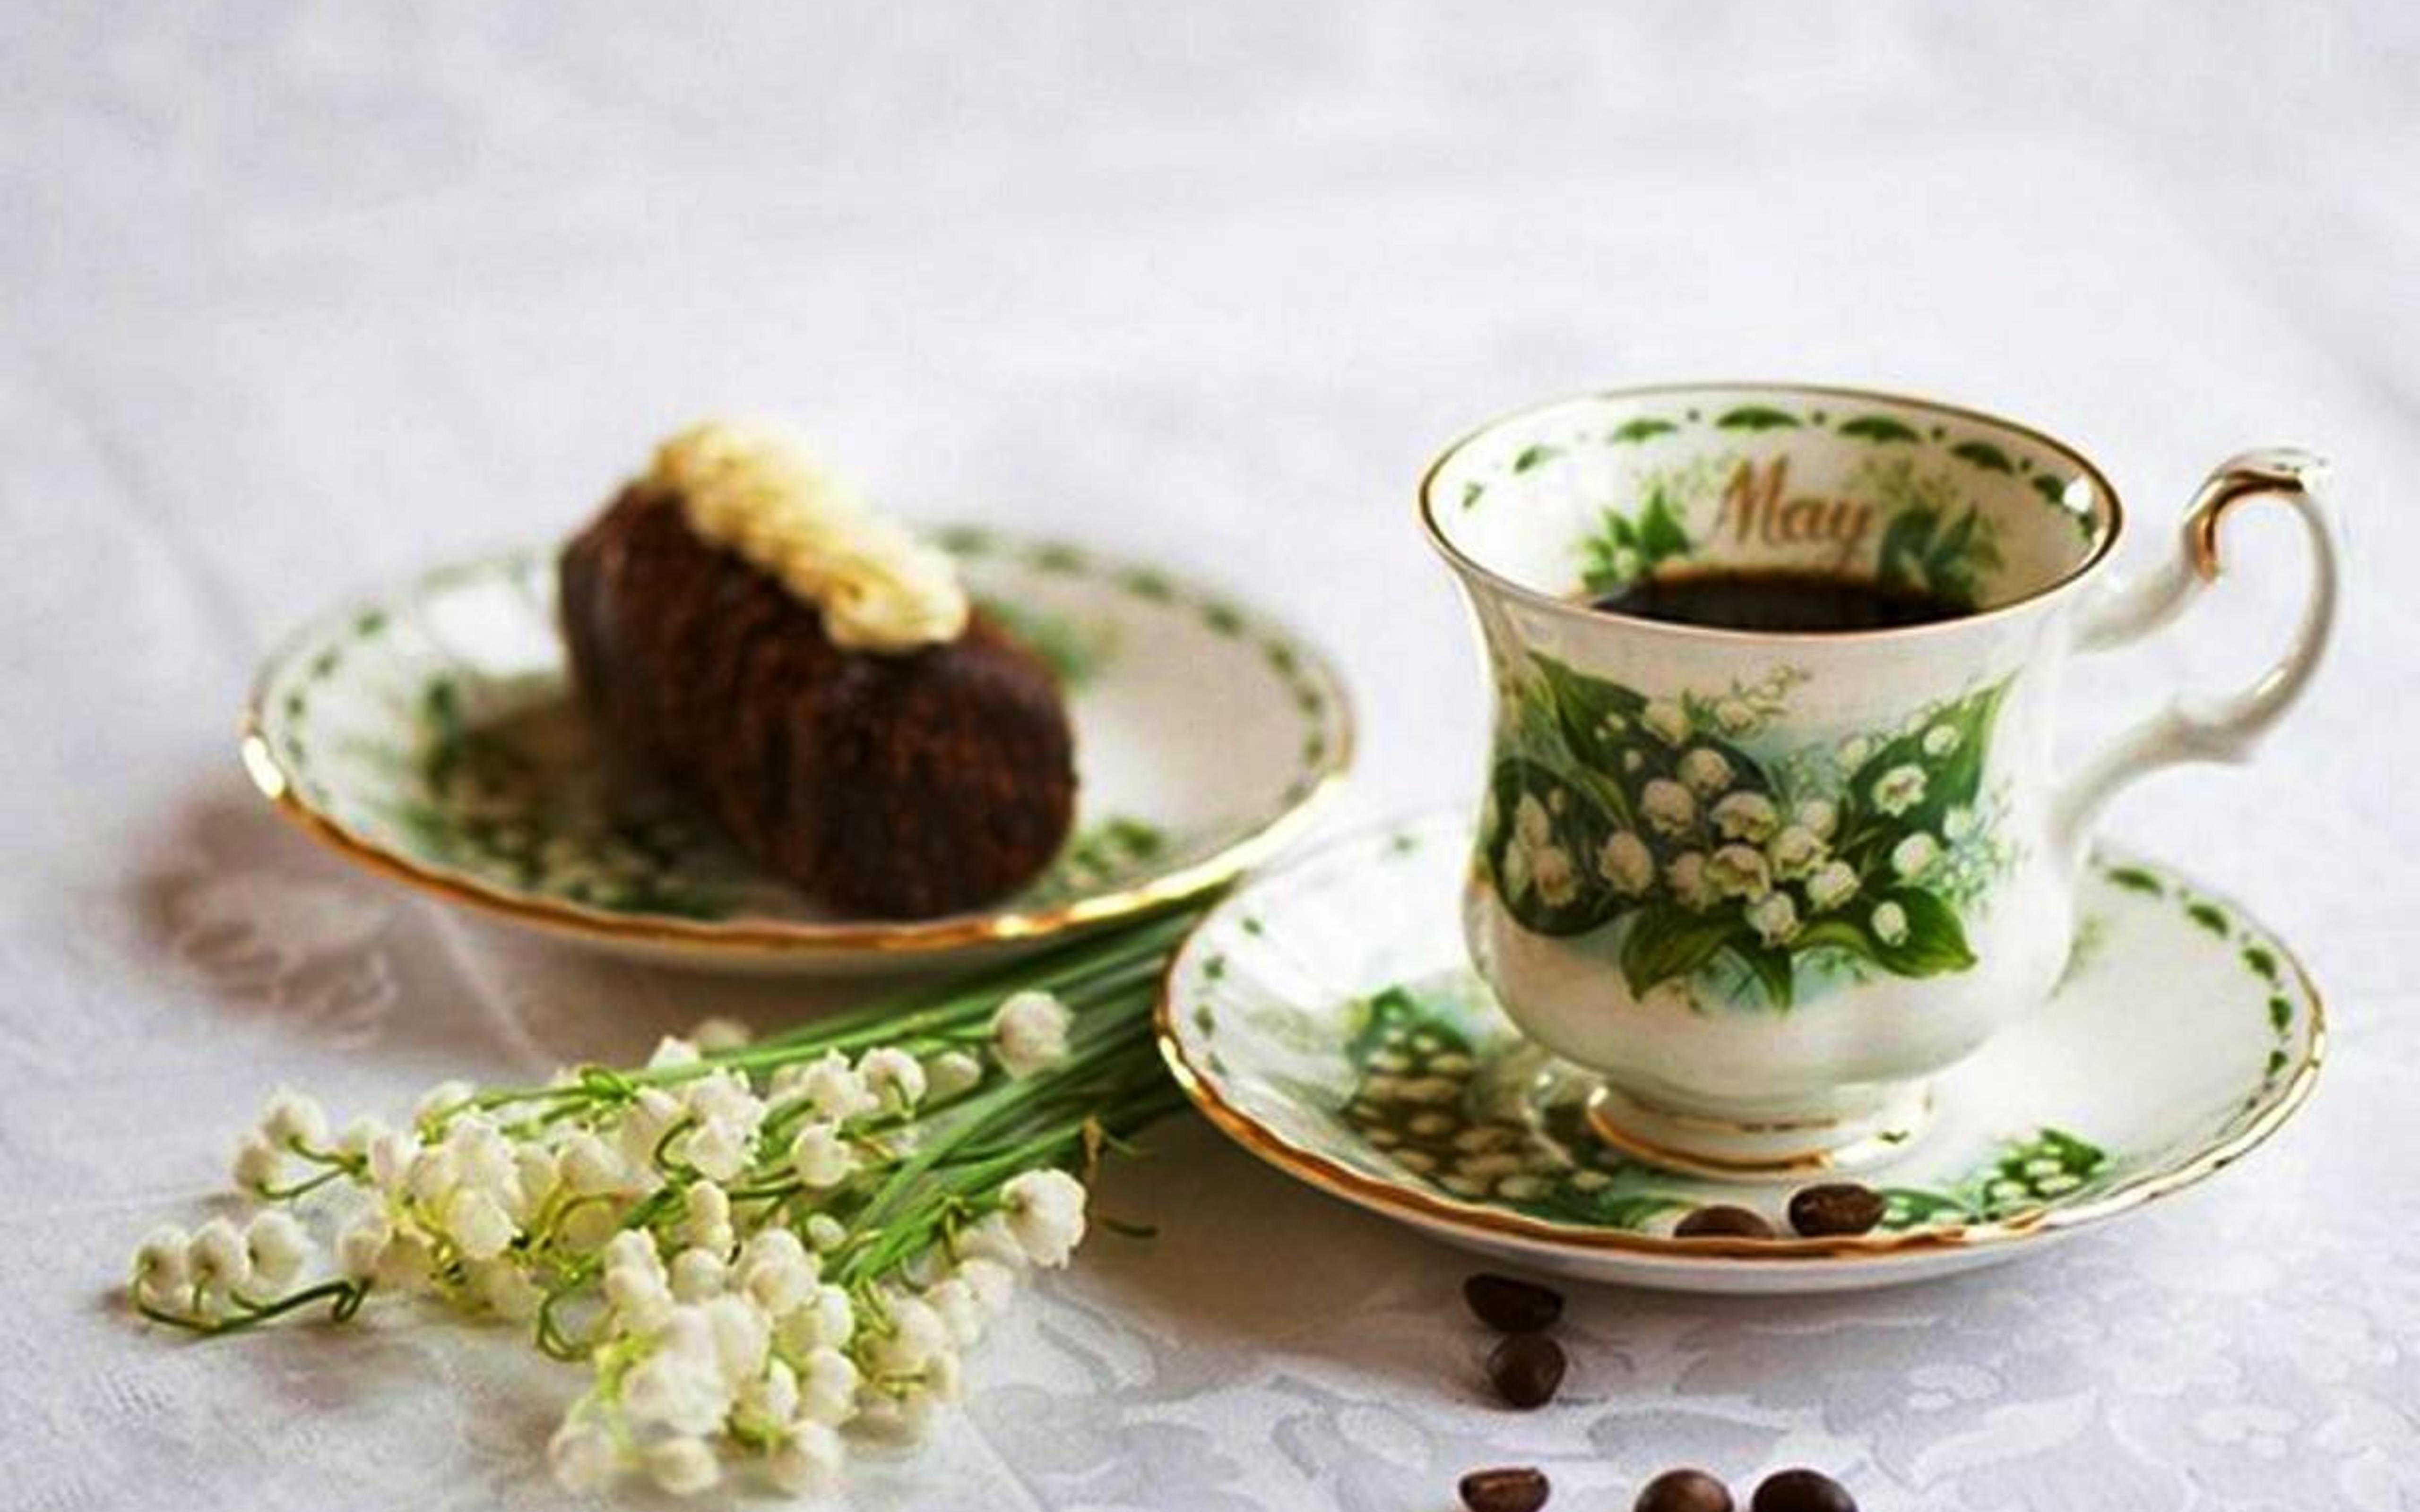 Фото картинки чай кофе цветы